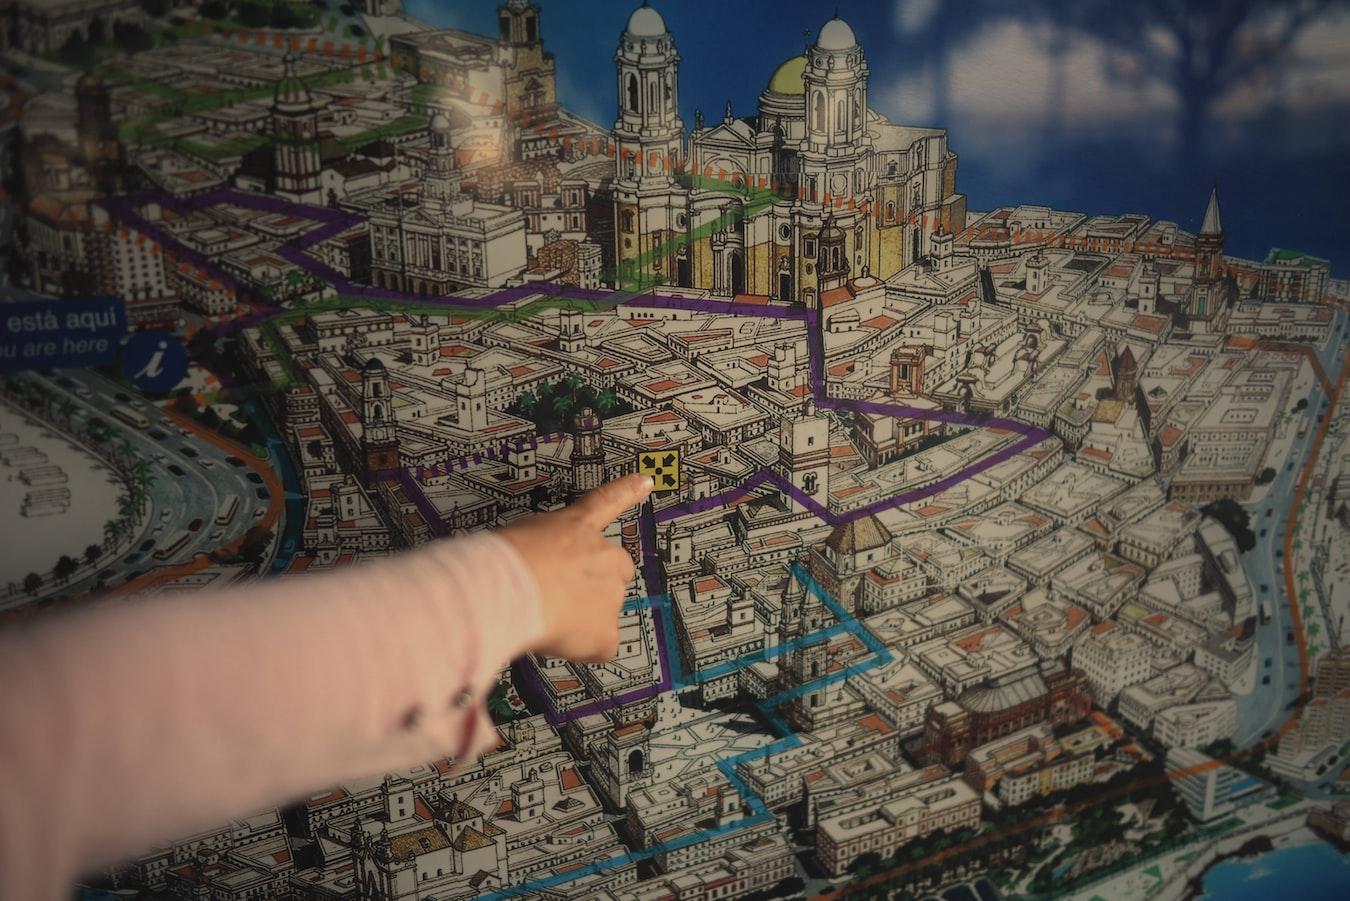 🌳Localiza un nicho con tu marca personal -Imagen donde se localiza un nicho concreto en un mapa de Cádiz en 3D con EcoCoopera.com